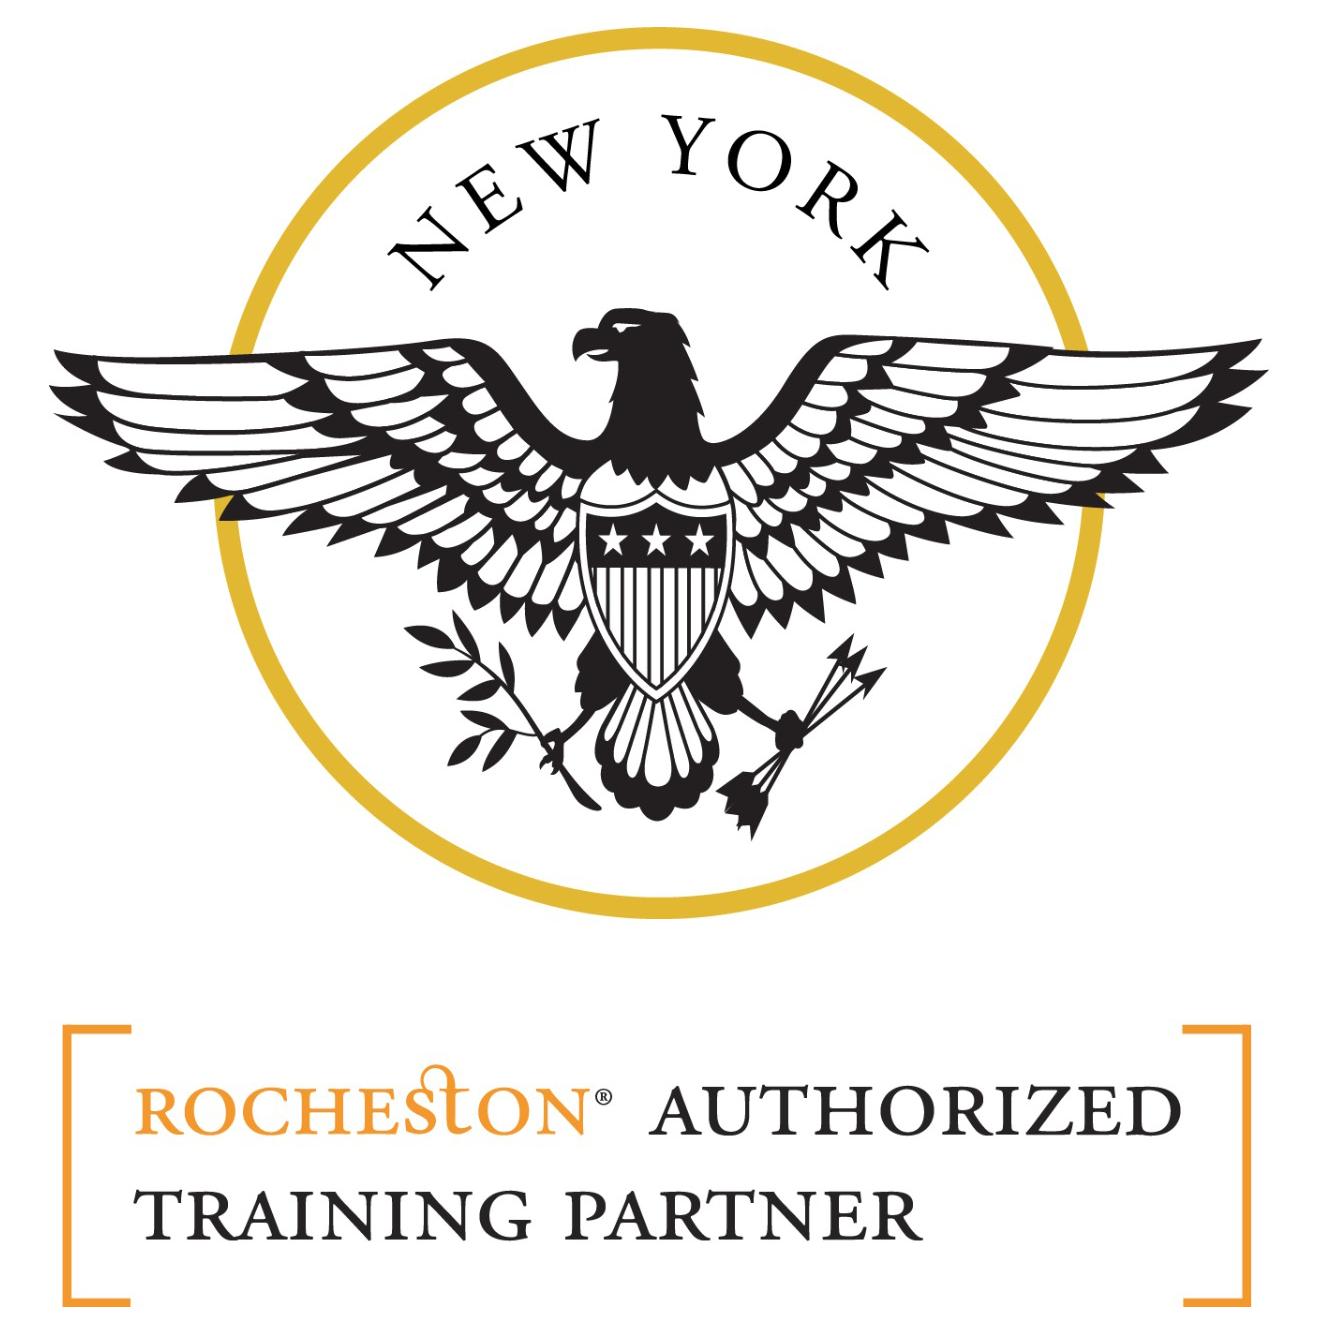 Rocheston